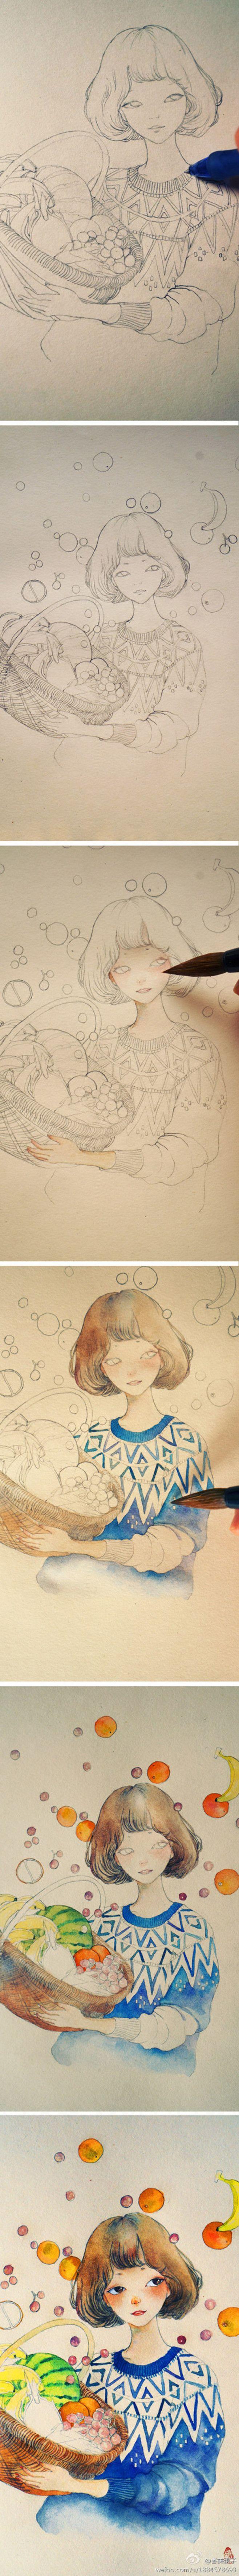 尝试一下新风格,换一下脑子,发现纸不太对...@逆光之处の暖伤采集到暖伤(198图)_花瓣插画/漫画